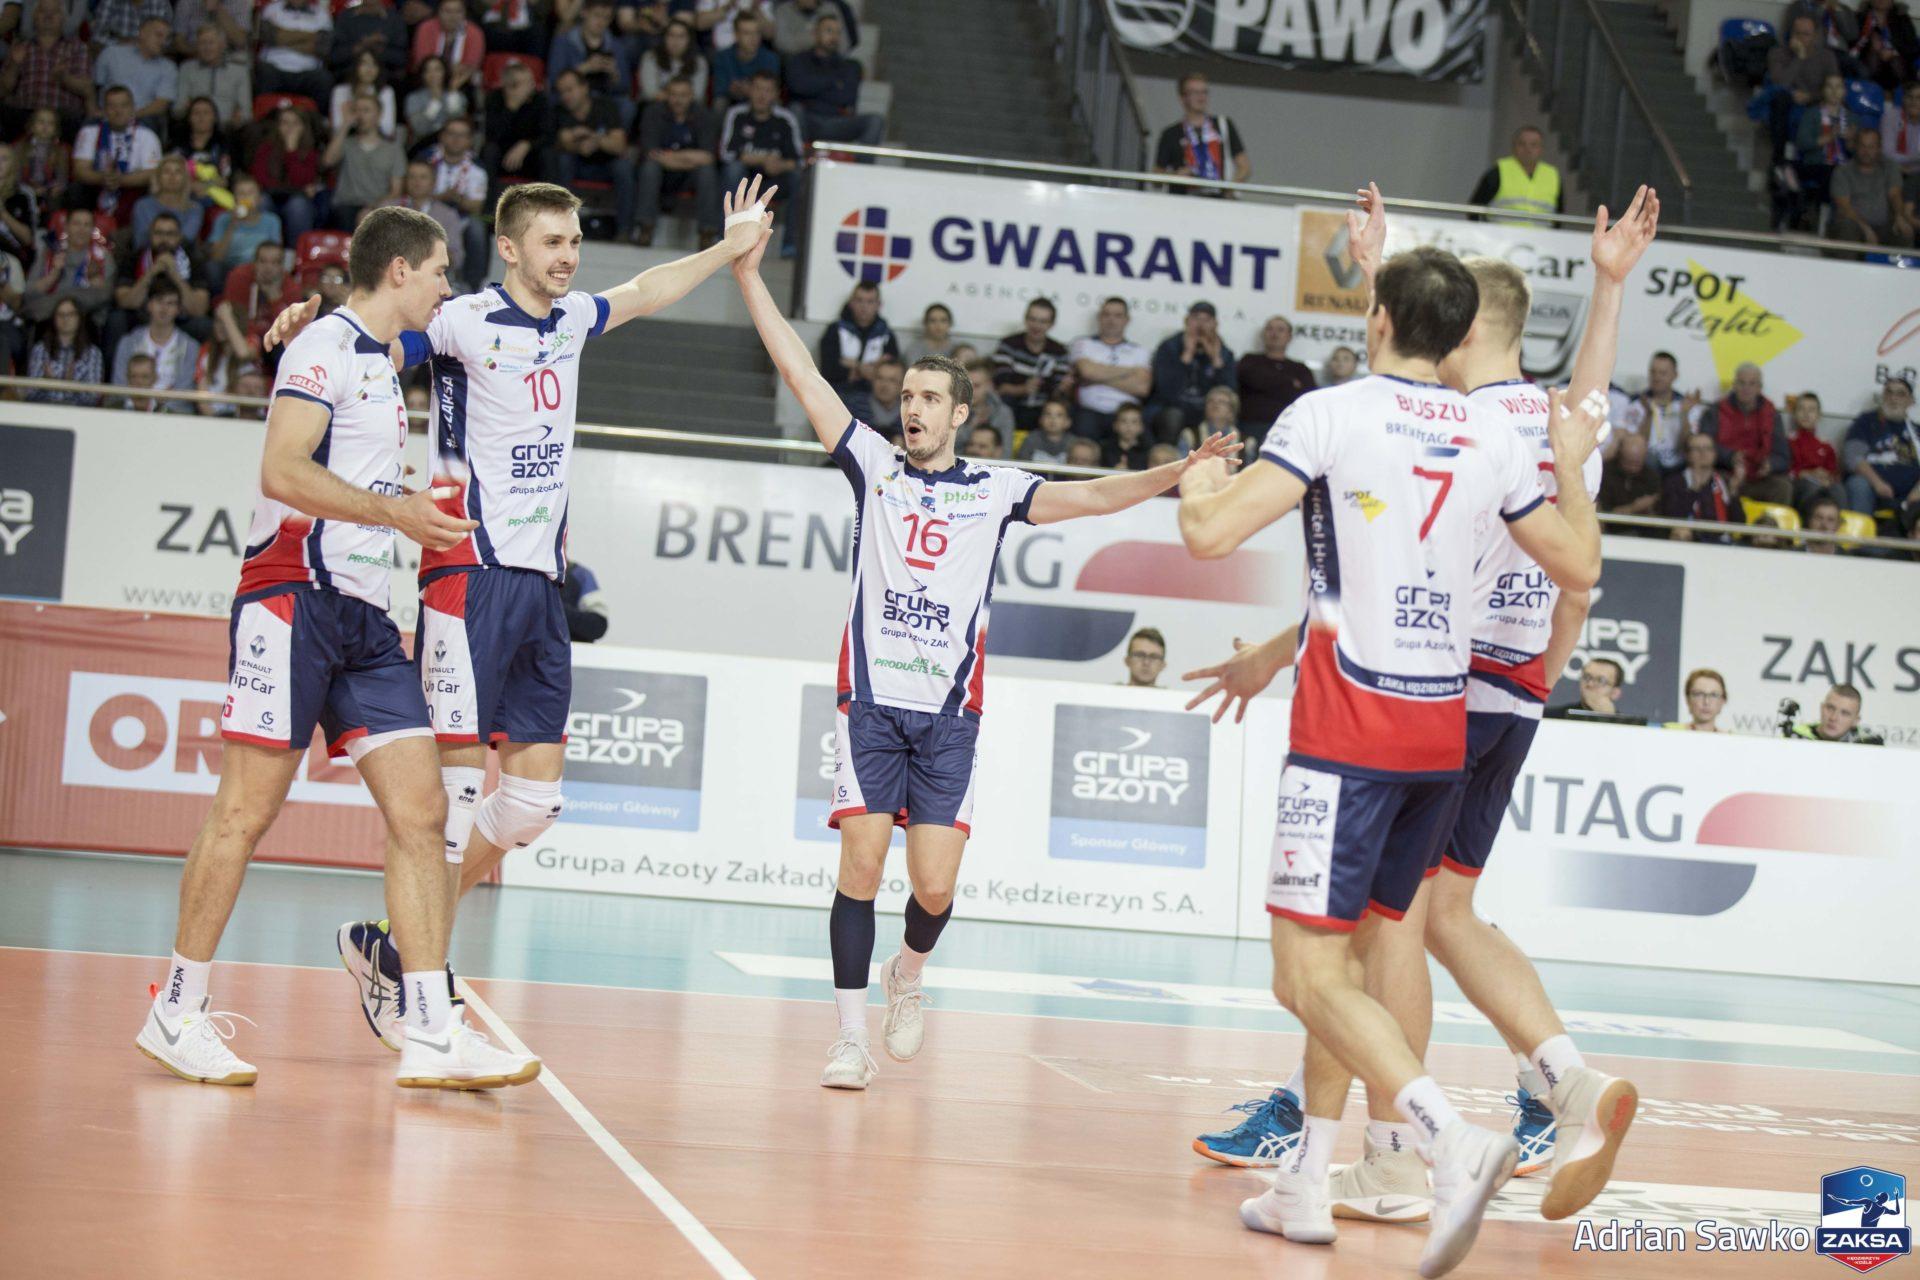 Zawodnicy o meczu z Łuczniczką Bydgoszcz